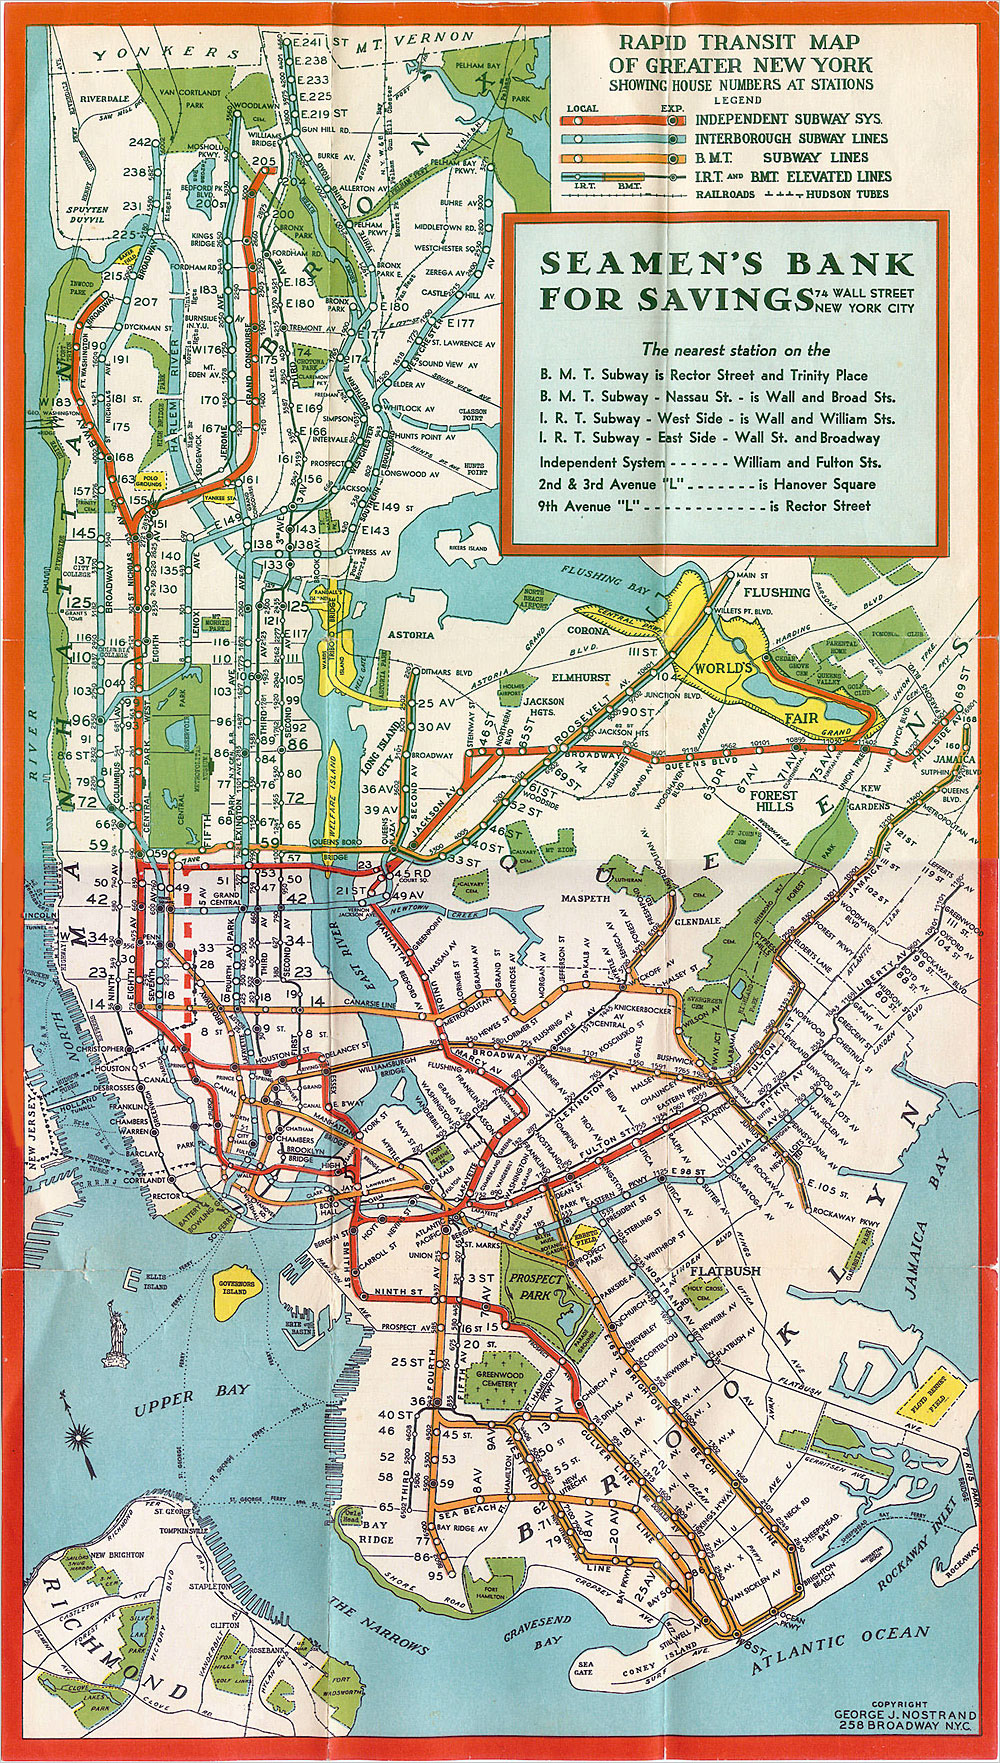 una vecchia mappa della rete di trasporti di NYC. Morningside Park allepoco non esisteva ancora e dove cè la Columbia sorgeva il Lunatic Asylum. Che ci frega? Niente. Dettagli insignificanti :\